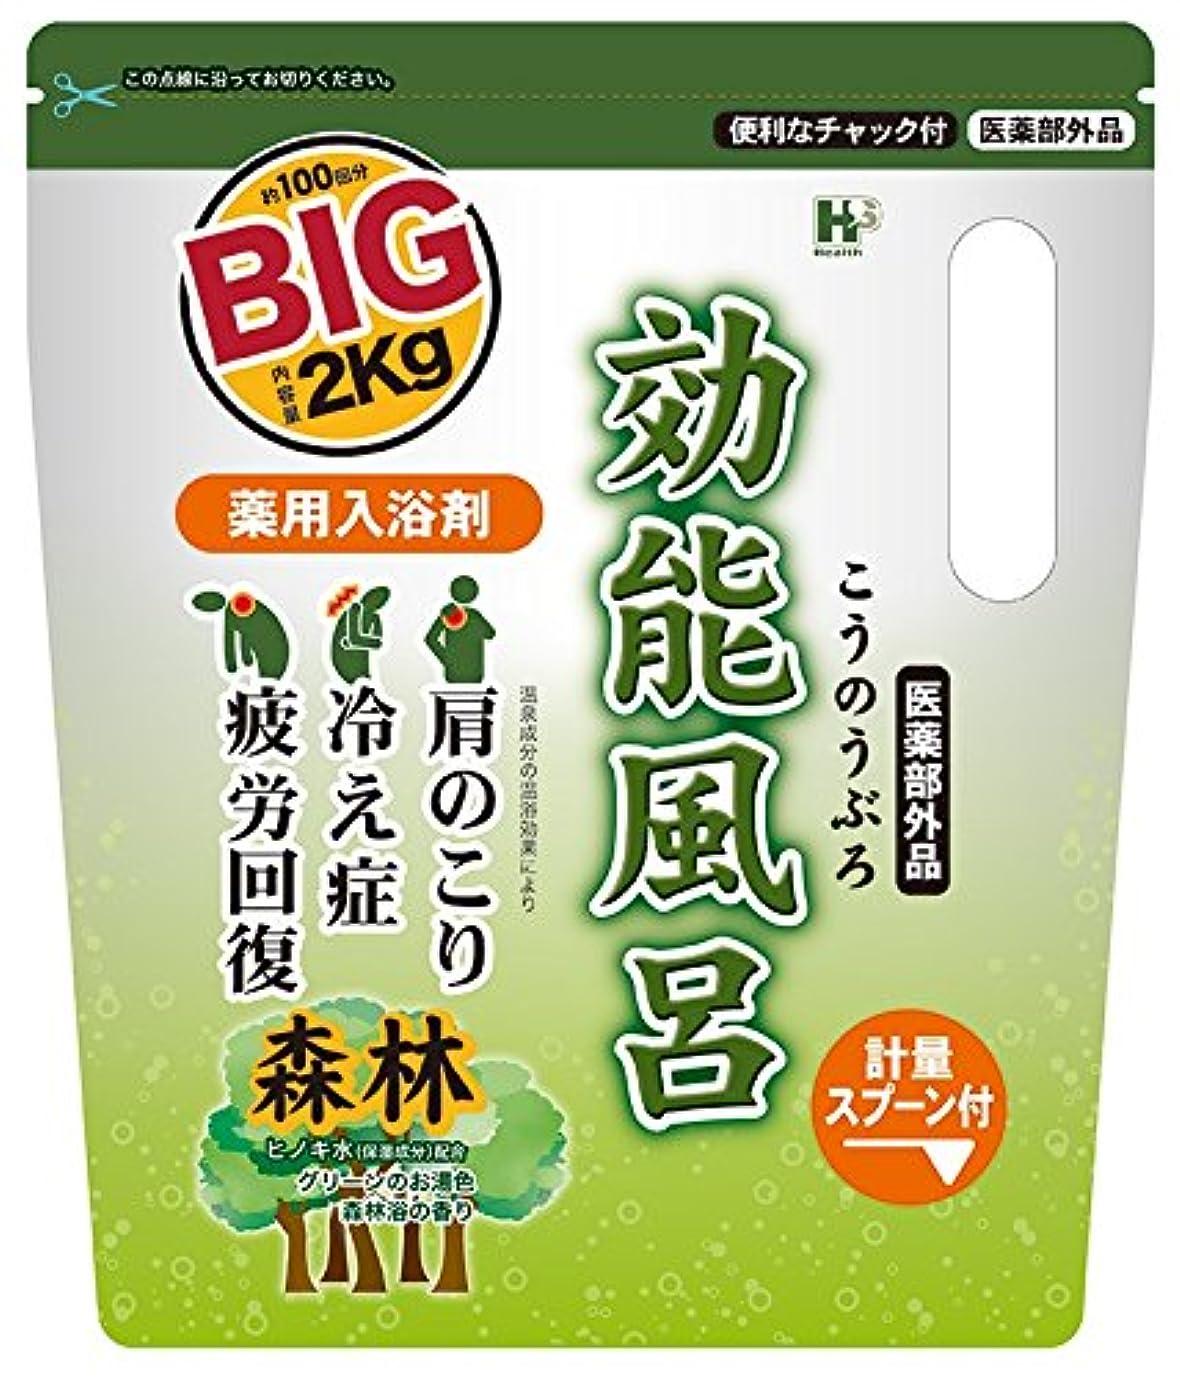 エジプト信号舌薬用入浴剤 効能風呂 森林の香り BIGサイズ 2kg [医薬部外品]